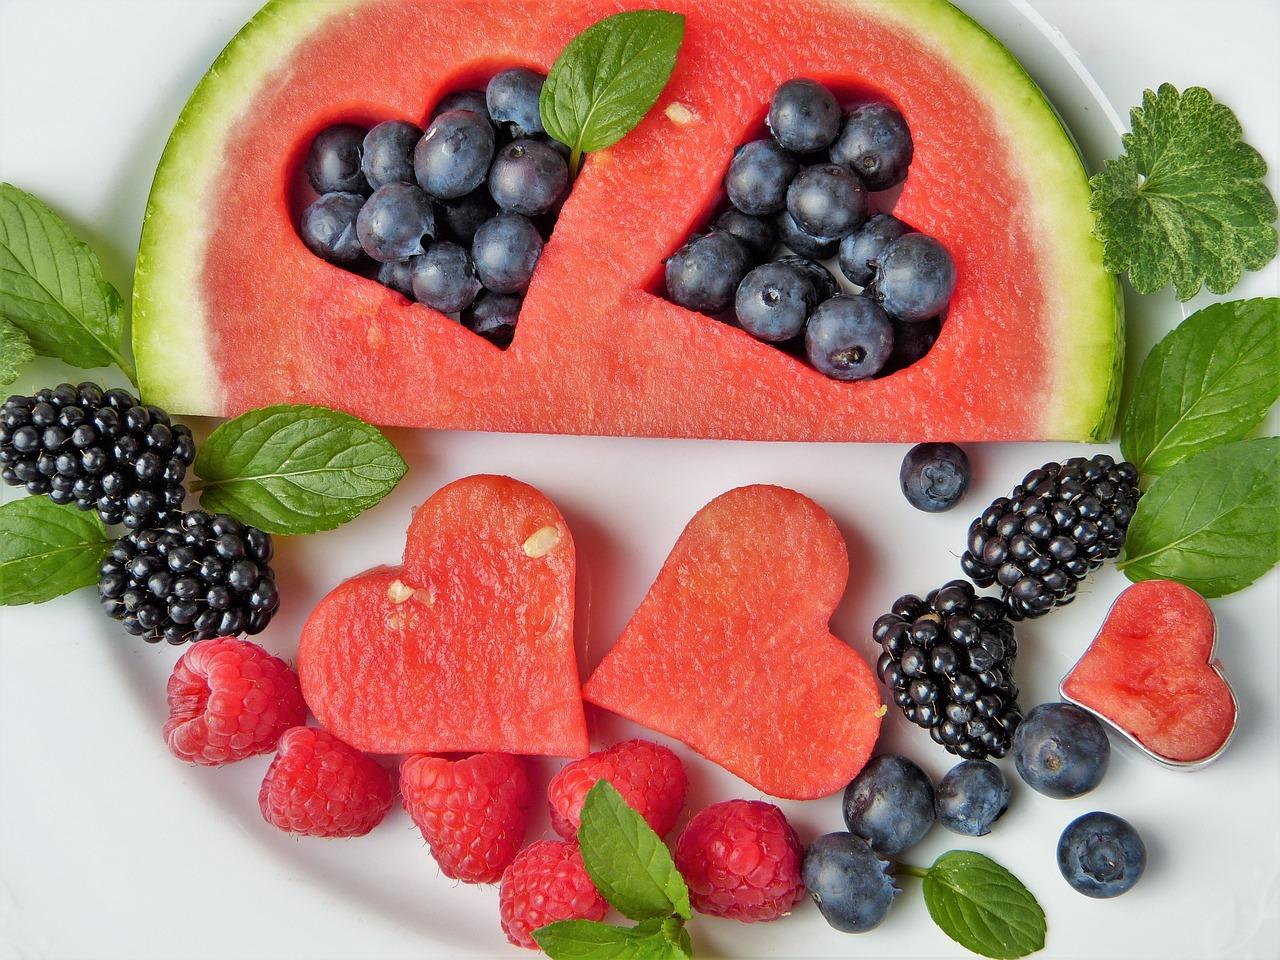 Milyen gyümölcsöket érdemes fogyasztani fogyókúra alatt? - Zabosfa